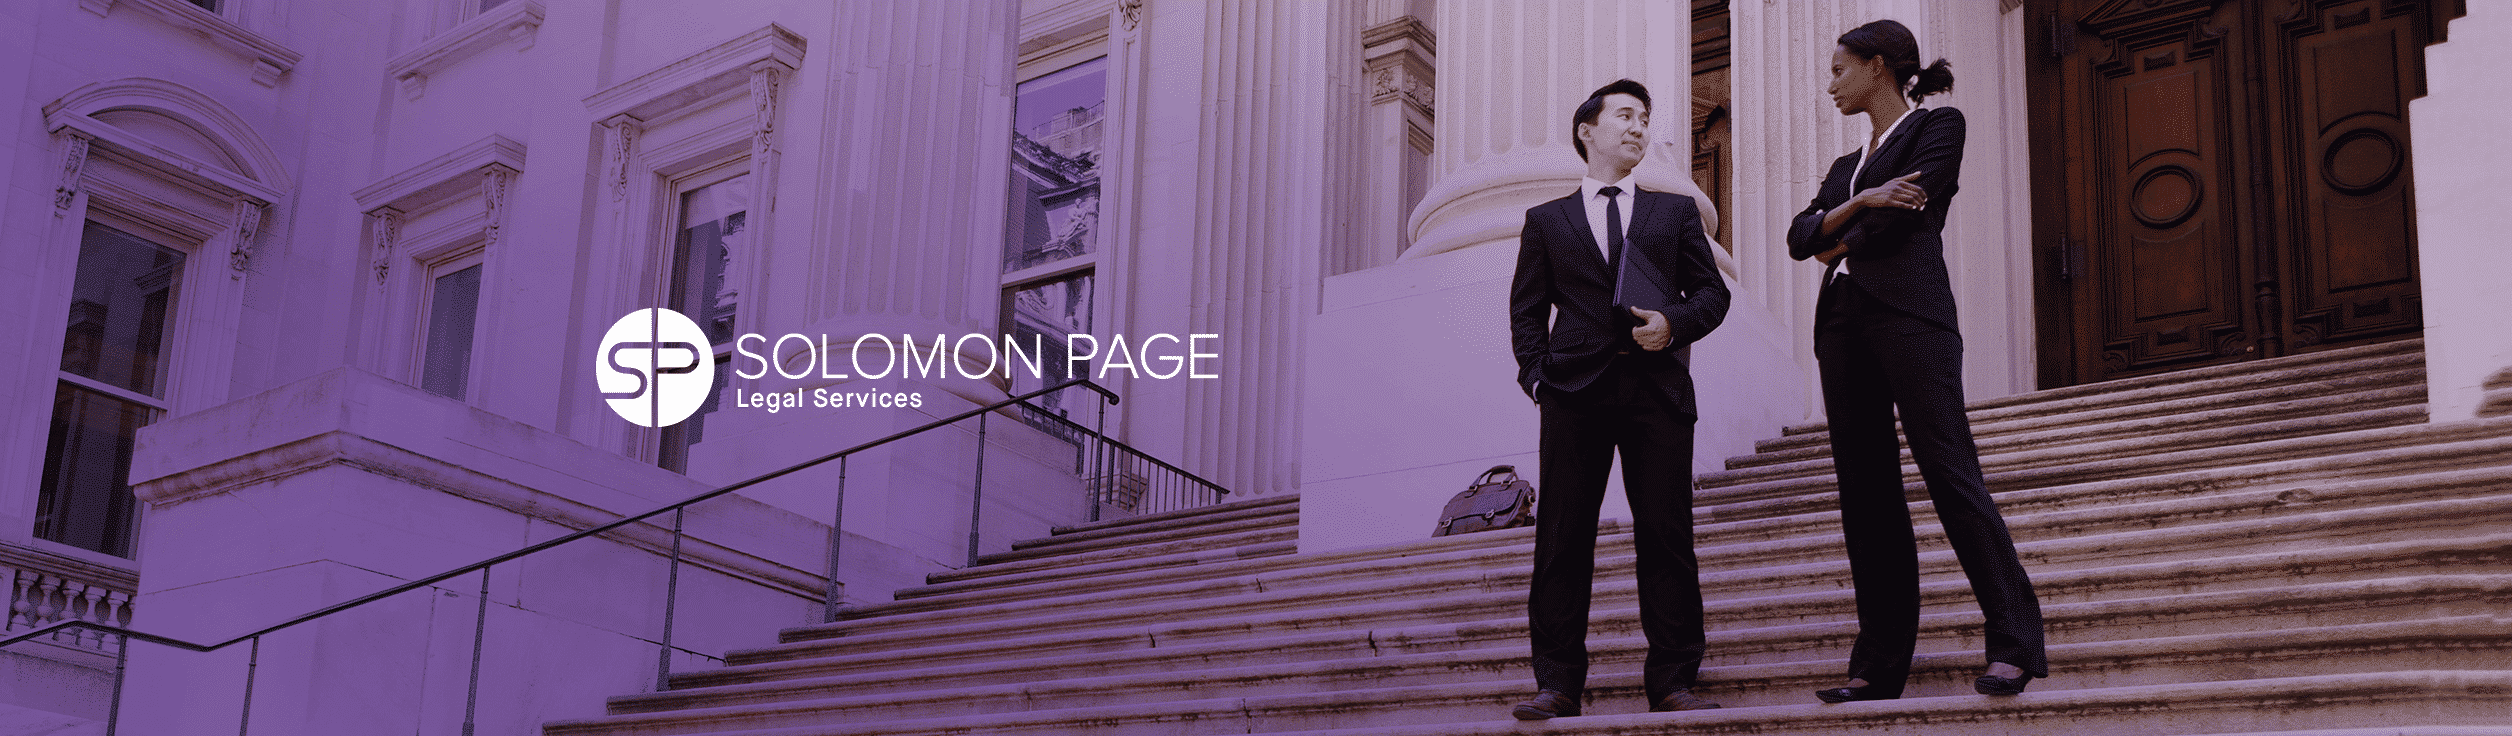 Solomon-Page-Legal-Services-Division